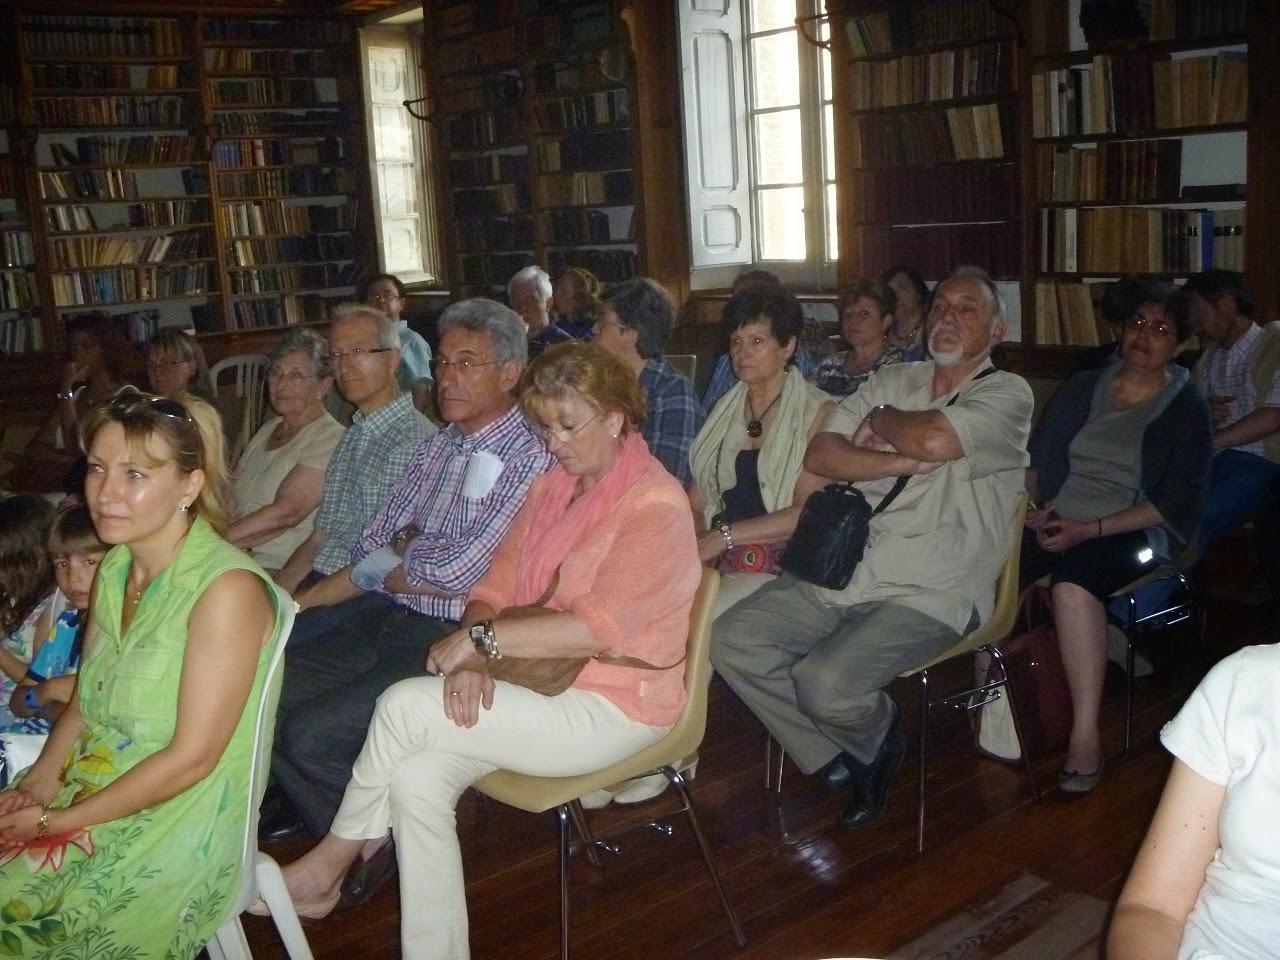 Matrimonio Catolico Protestante : Todos juntos una convivencia con vivencia